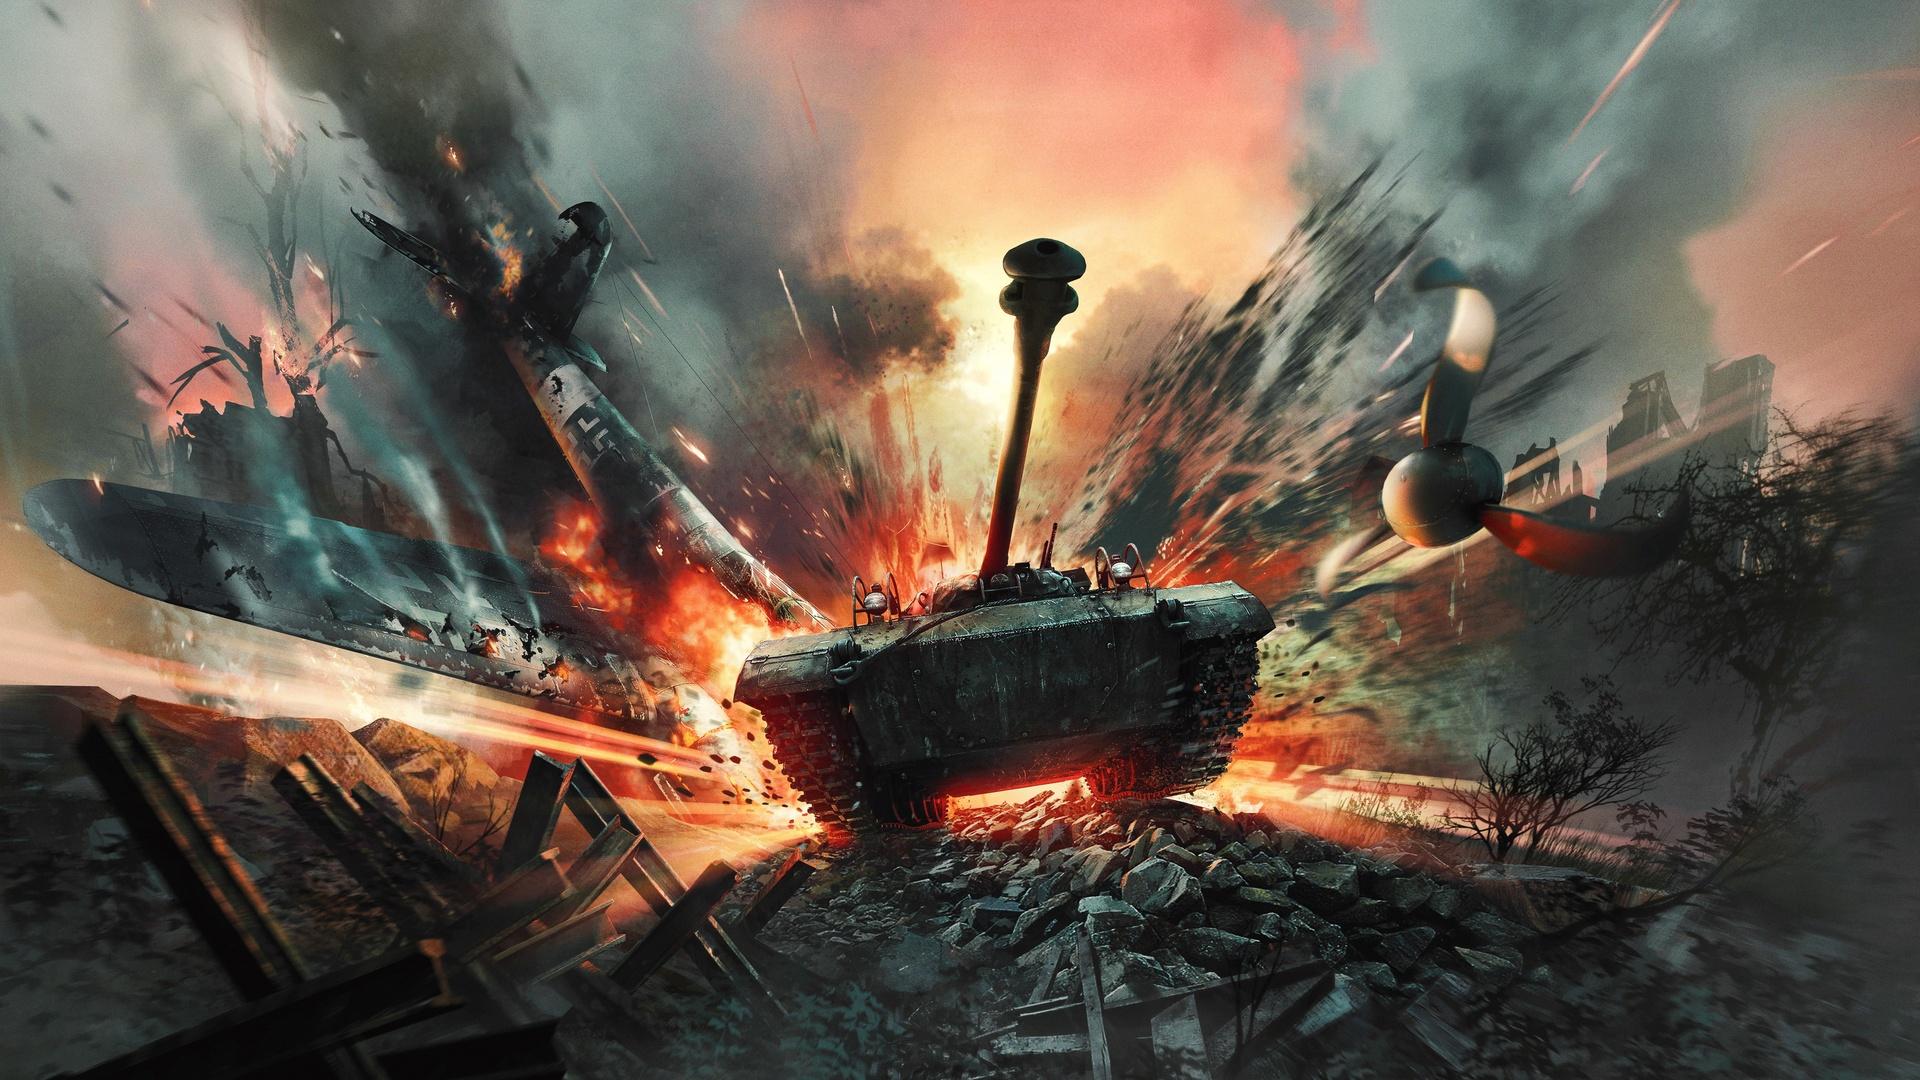 M18Hellcat 坦克歼击车 4K壁纸壁纸